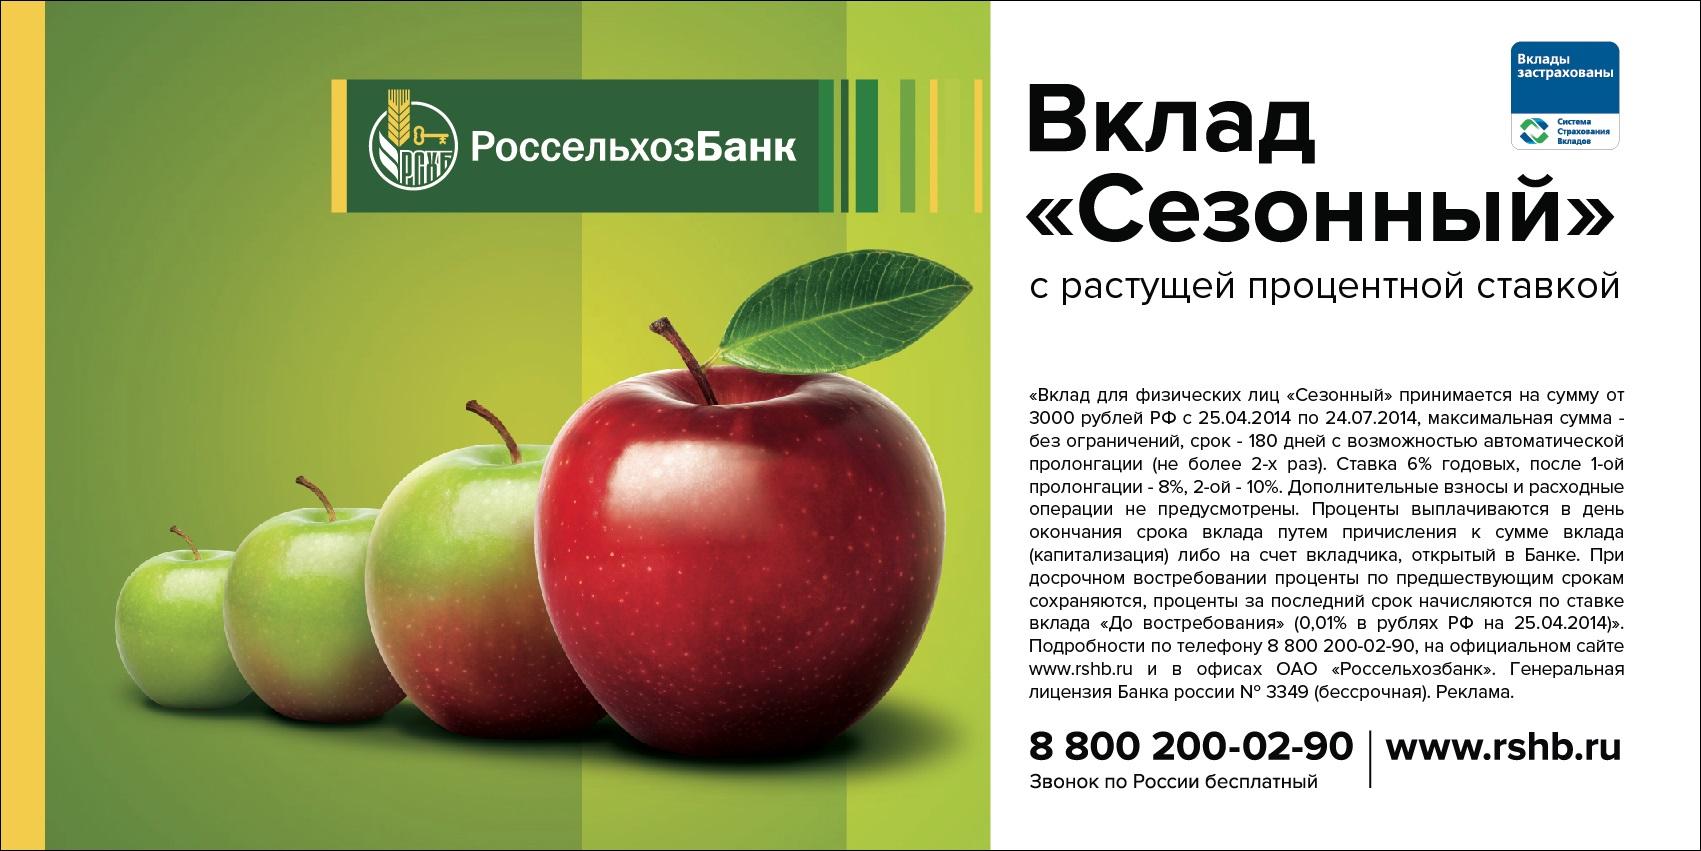 совершенства сладко вклады в россельхозбанке оренбурга сегодня нашей